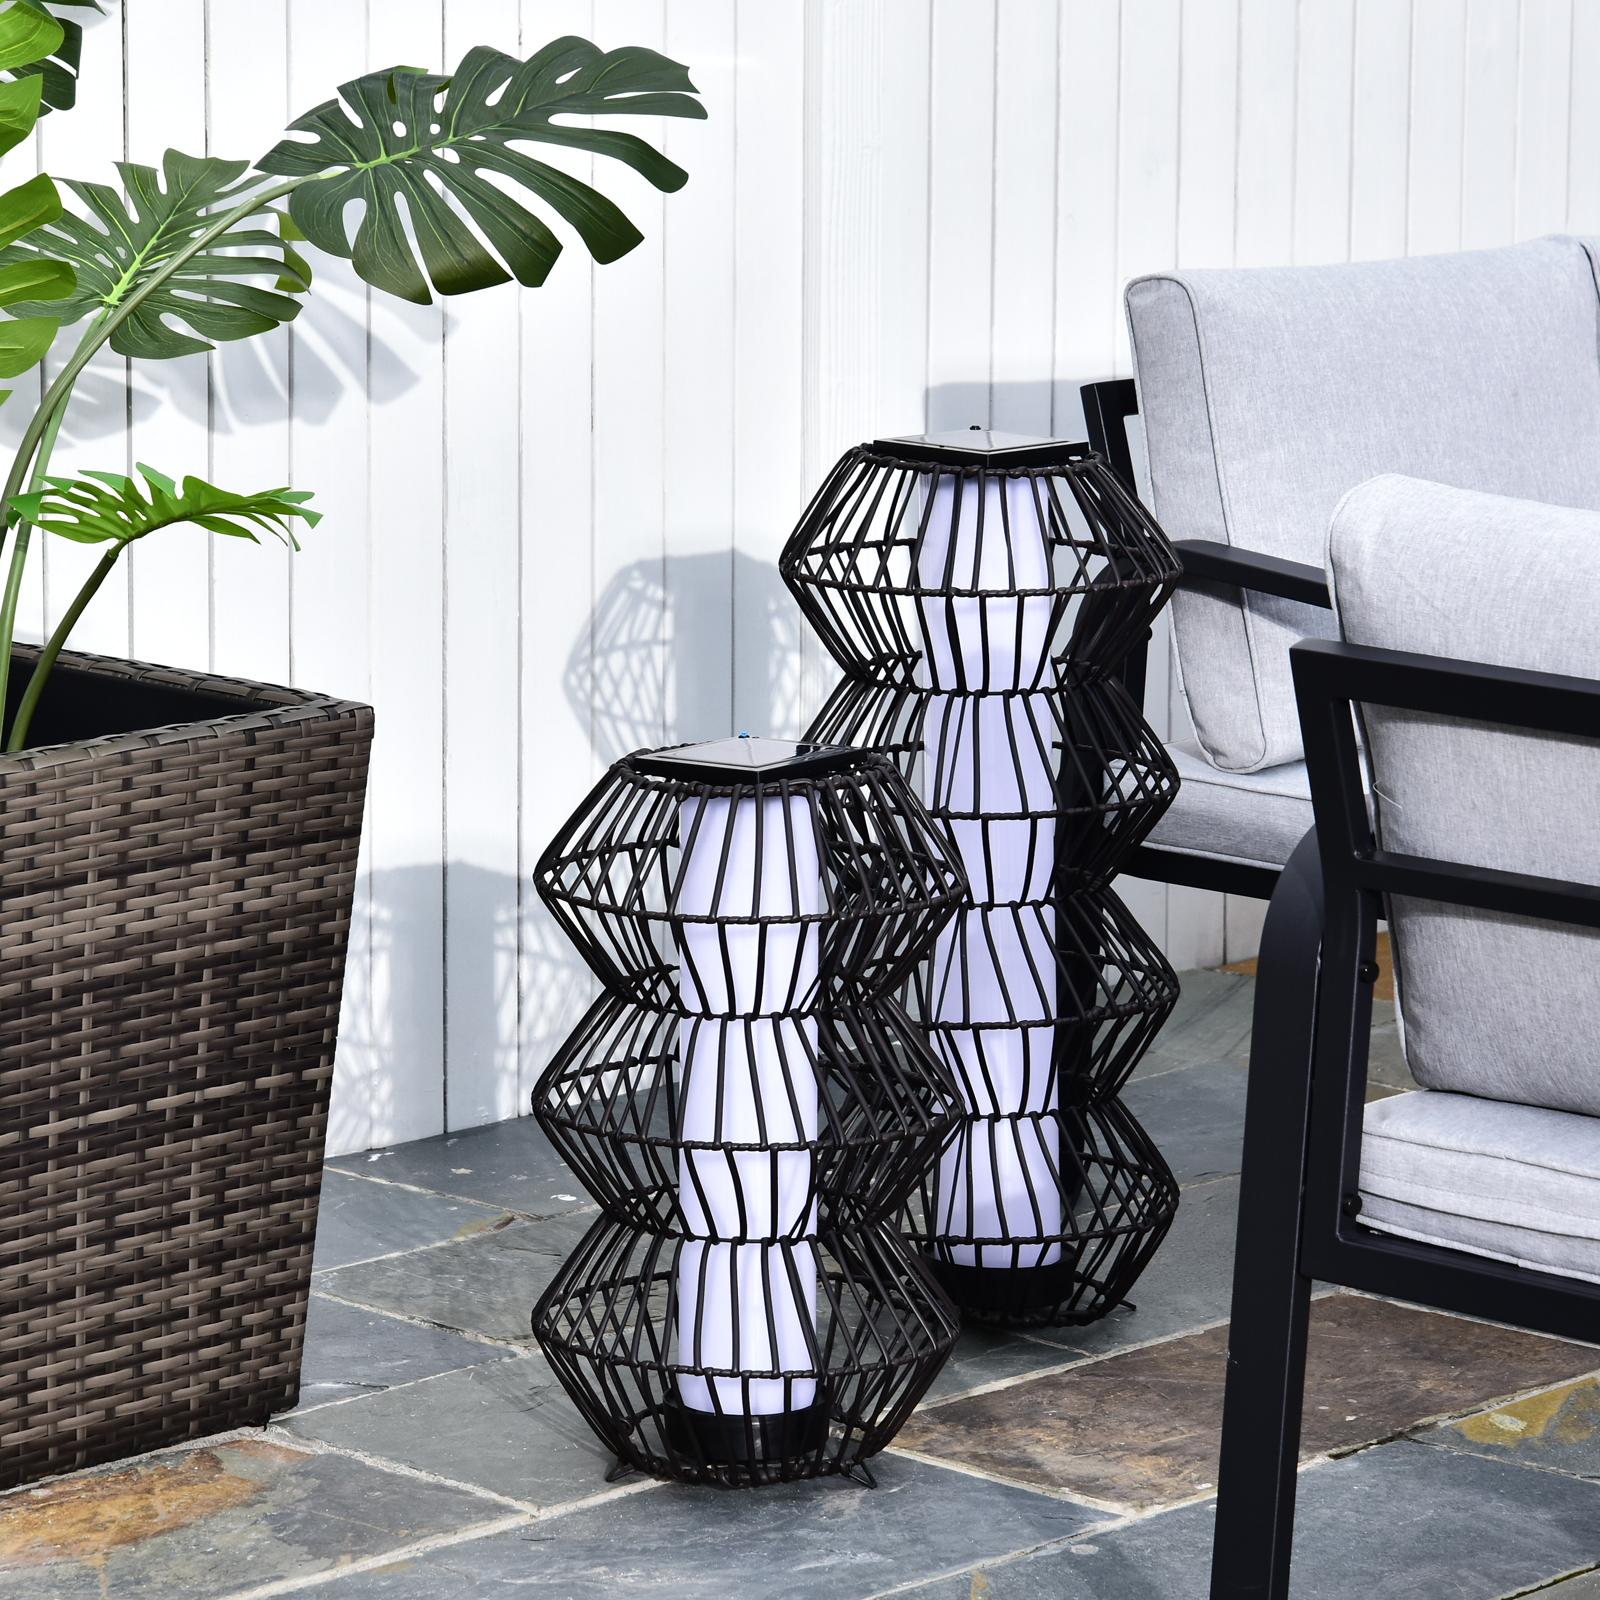 Details zu LED Solarleuchte Rattan Stehleuchte Gartenlampe Außenleuchte Kaffee 2 Größe